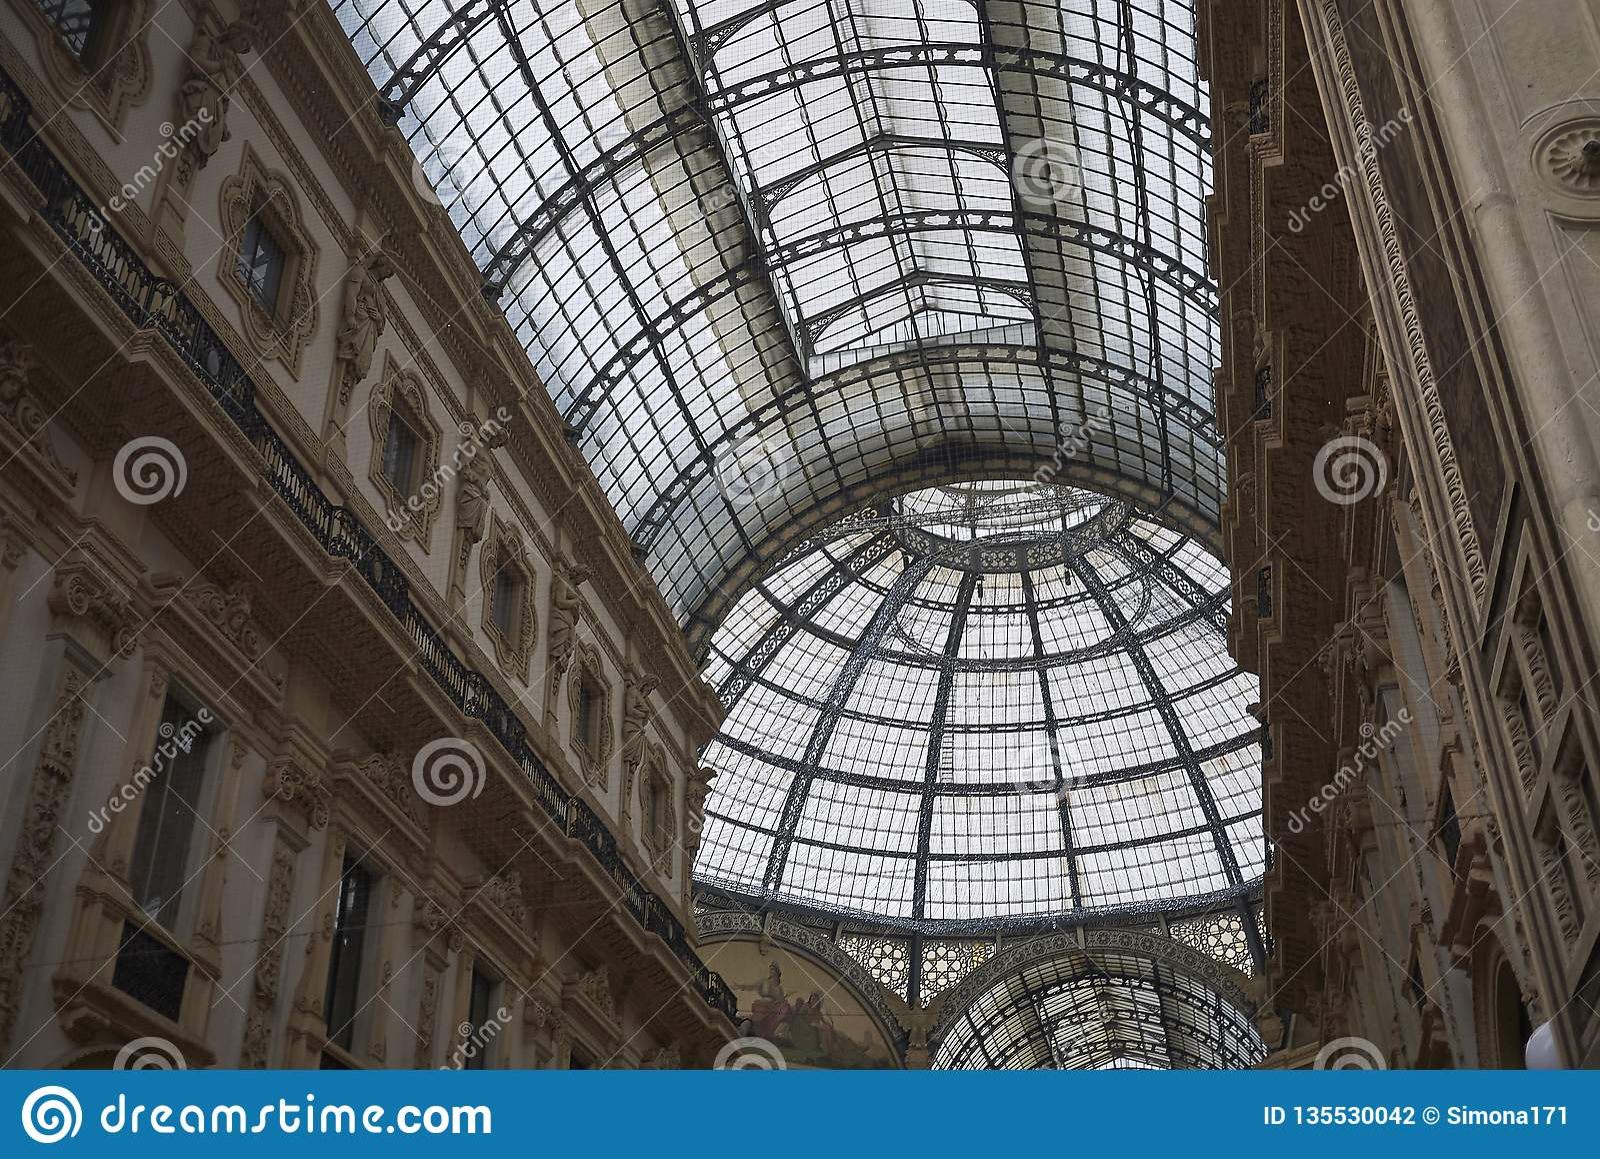 Widok Galleria Vittorio Emanuele II